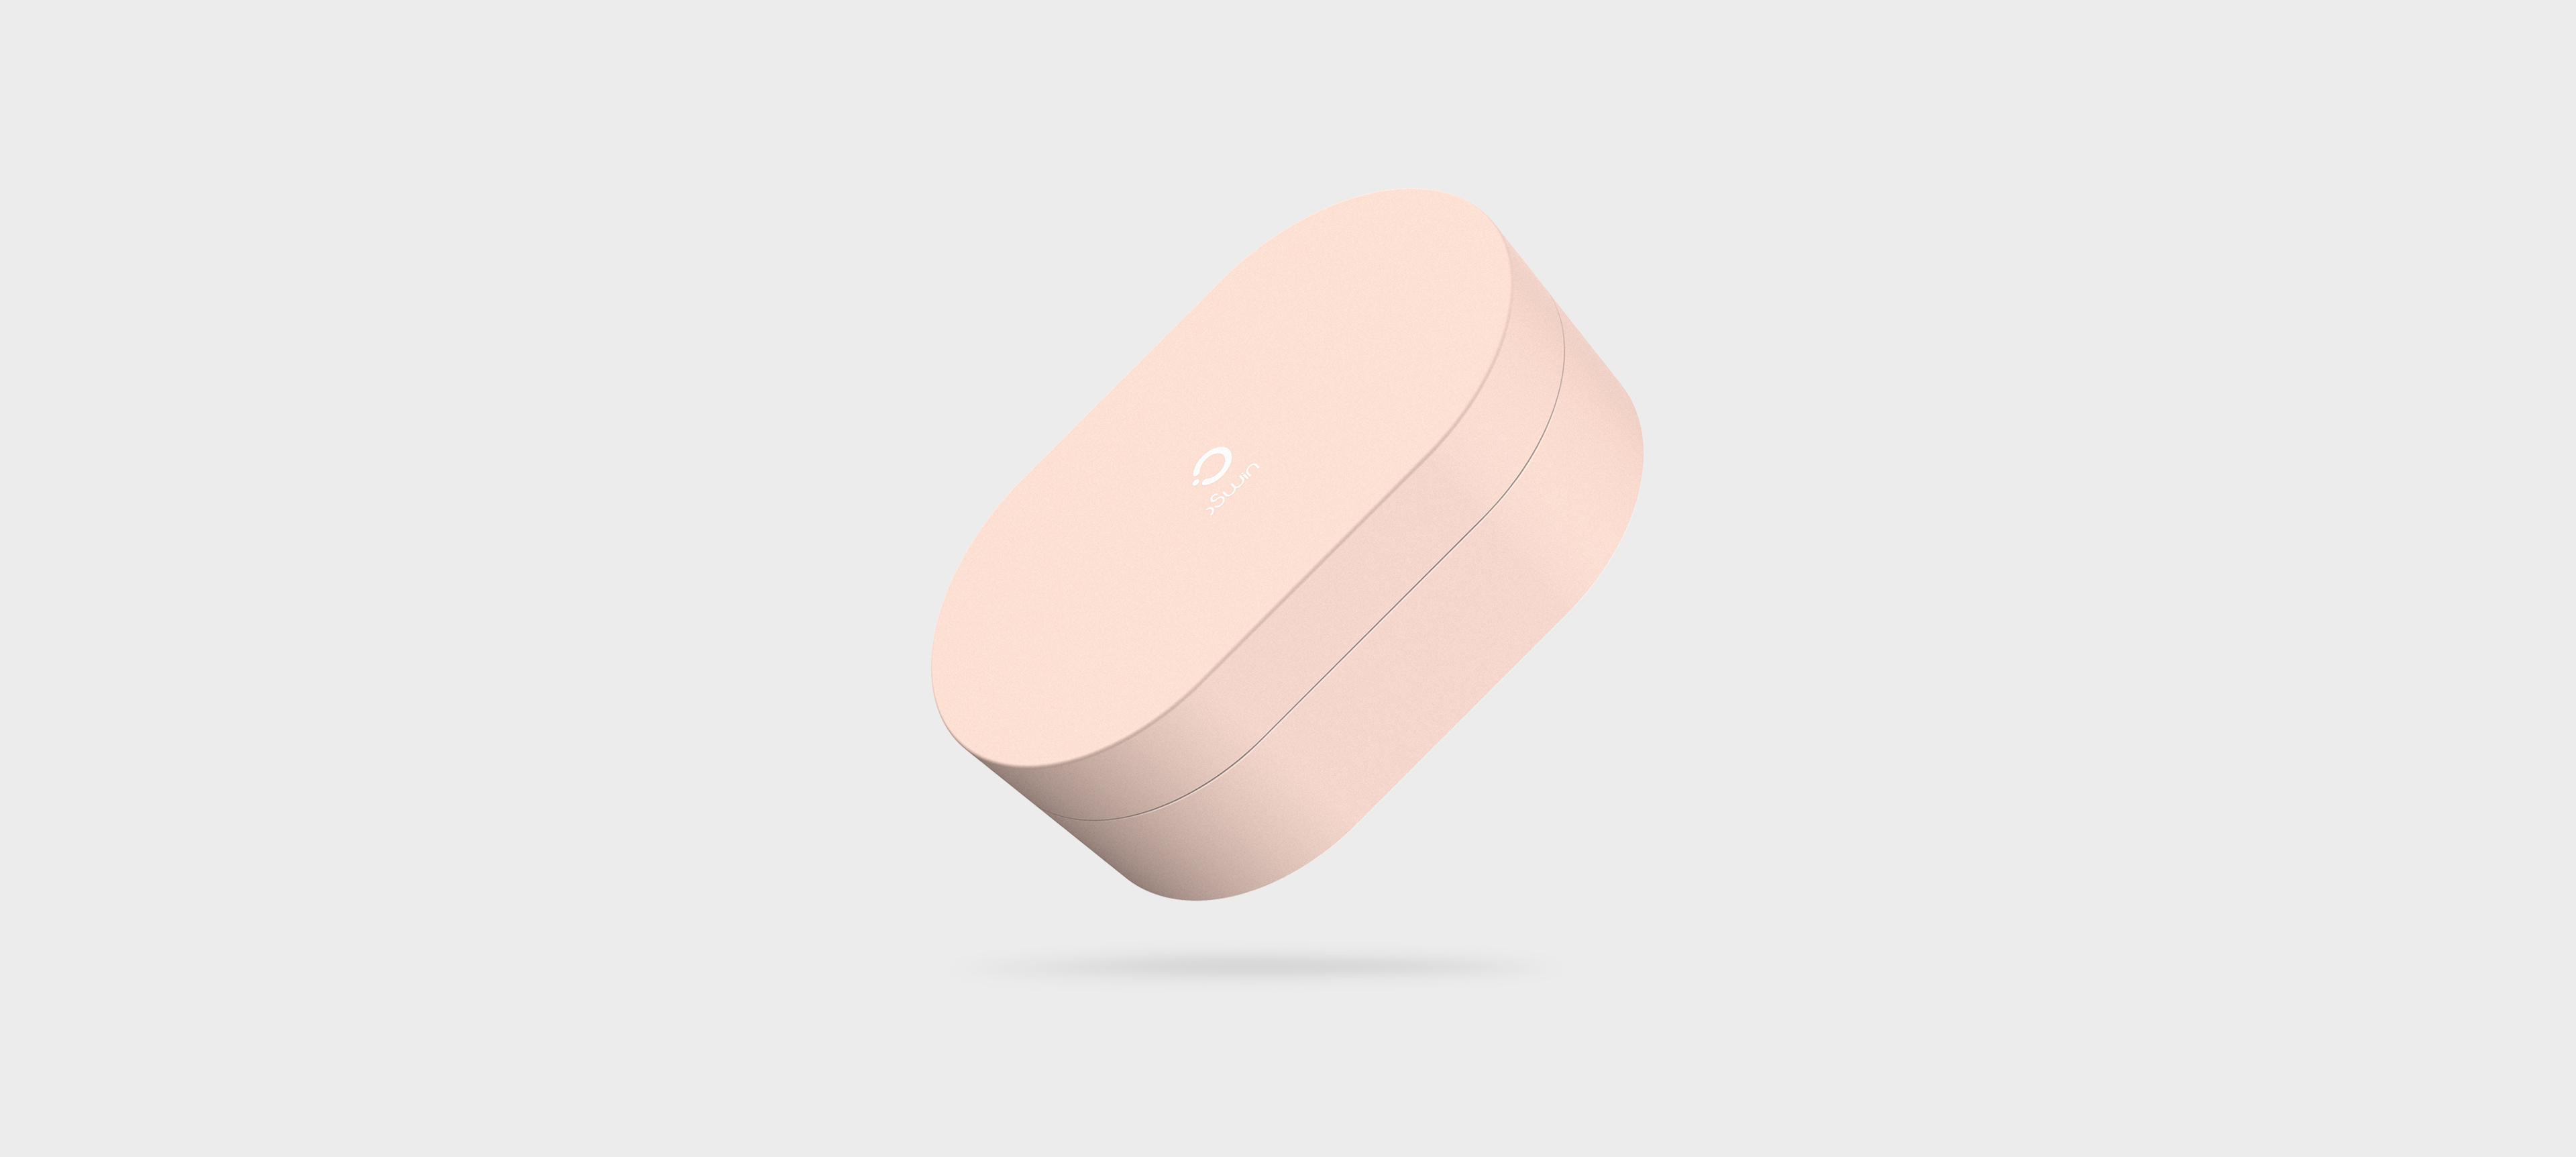 Mini Massager_心品工业设计